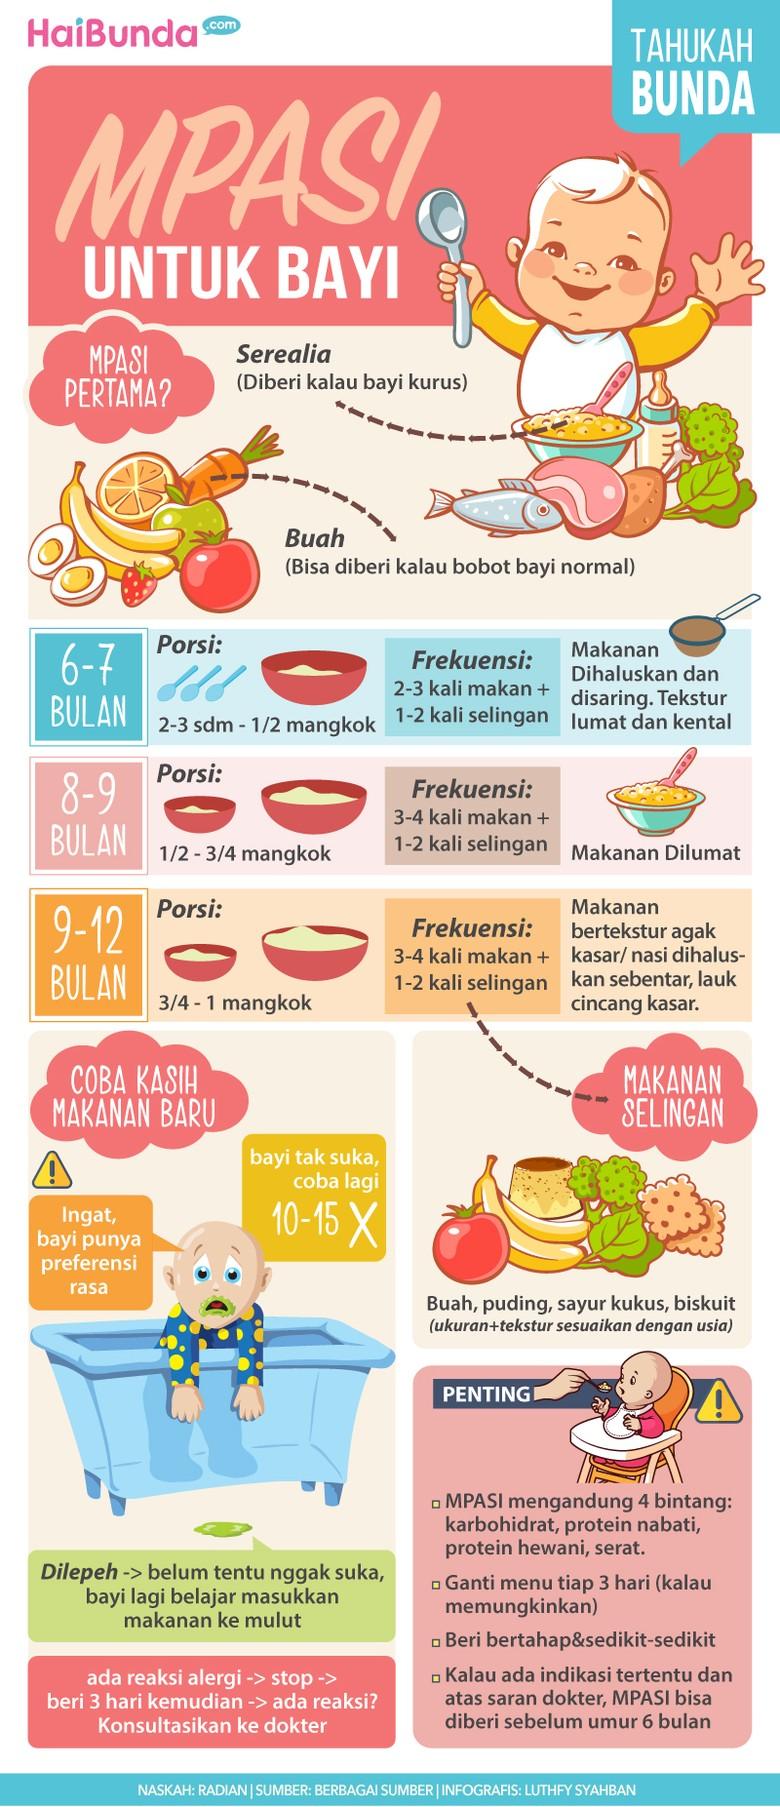 Petunjuk Penting Soal MPASI untuk Bayi/ Foto: Infografis